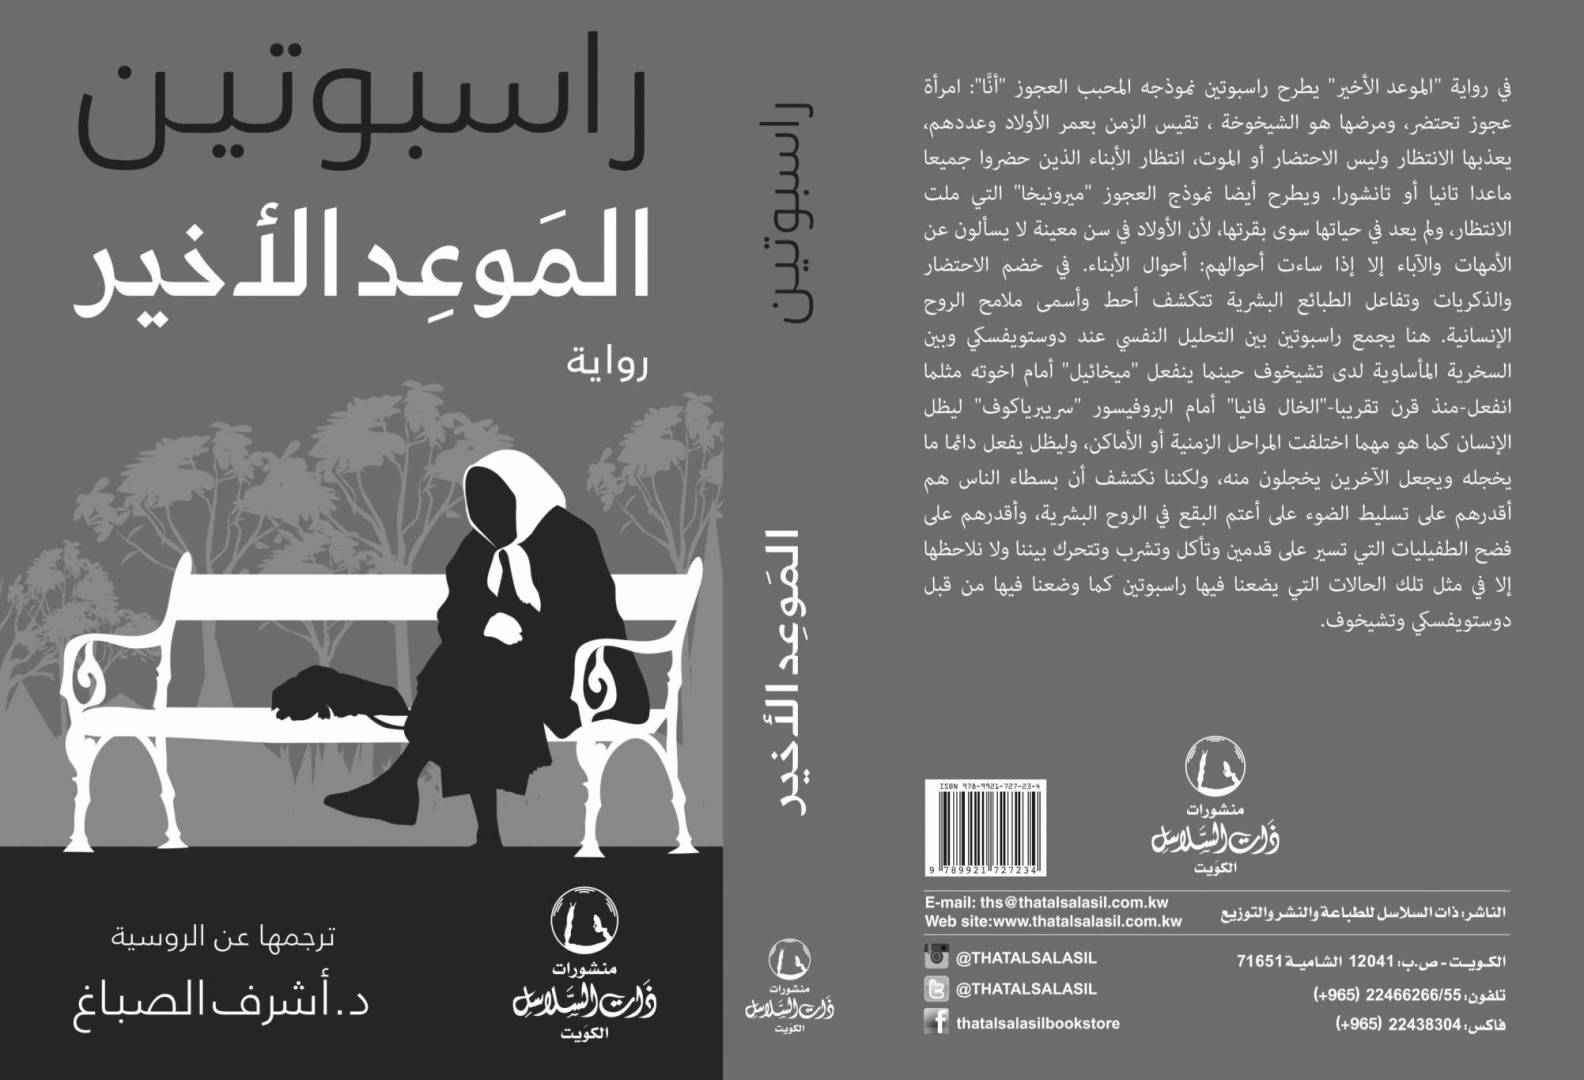 غلاف رواية «الموعد الأخير»